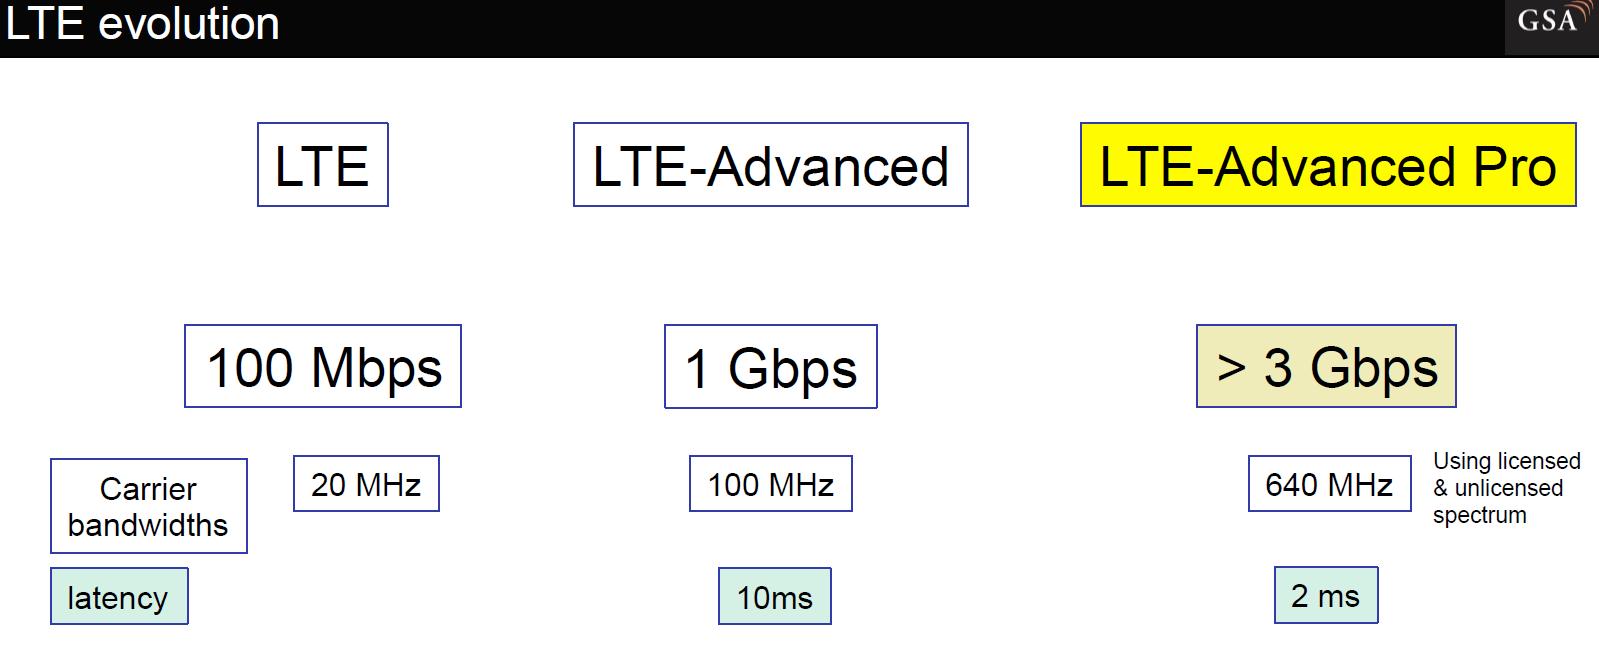 LTE-A PRO